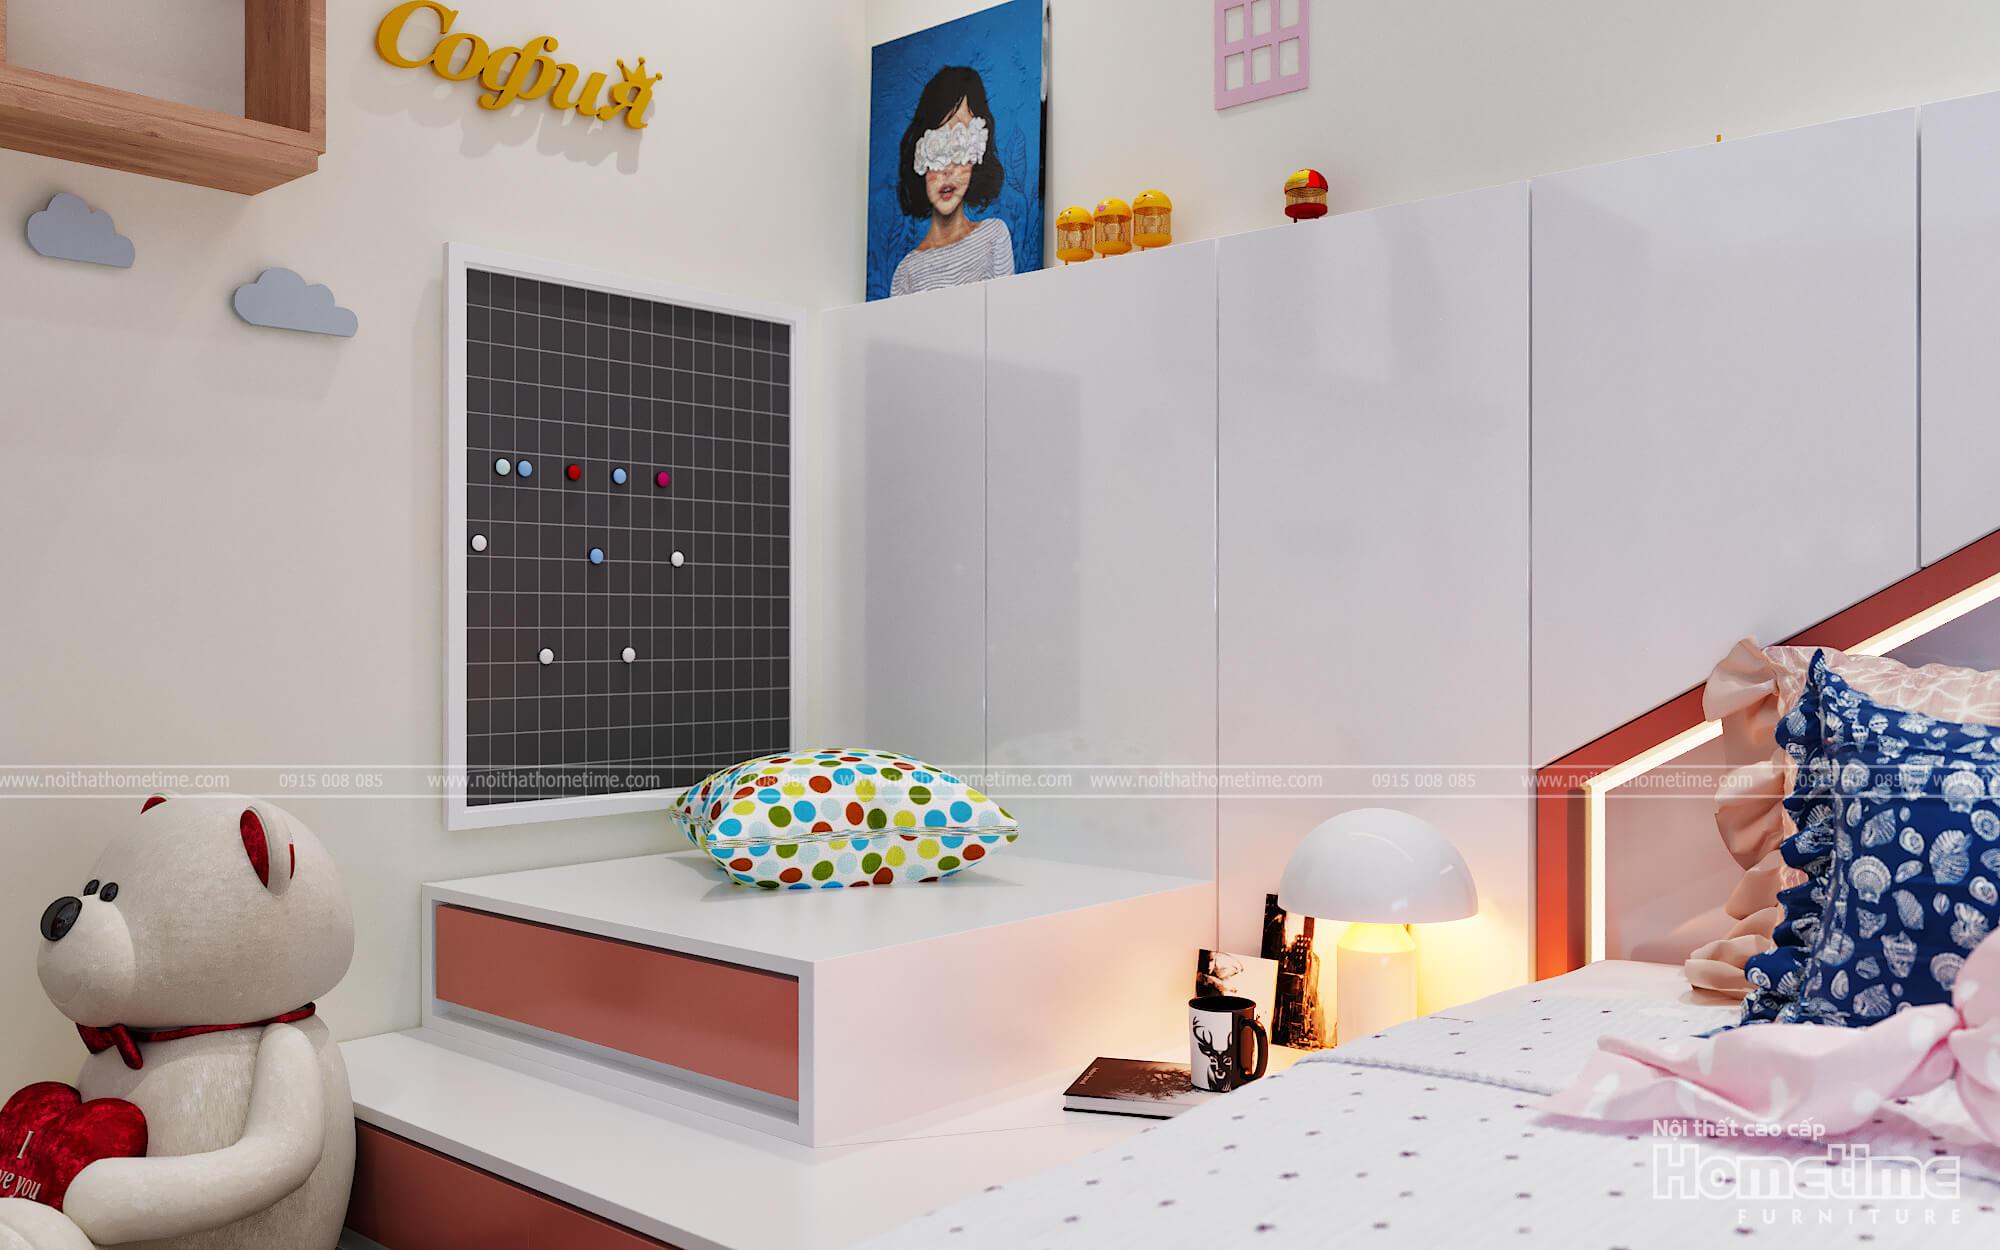 Chú gấu bông và những sản phẩm decor trang trí cho phòng ngủ